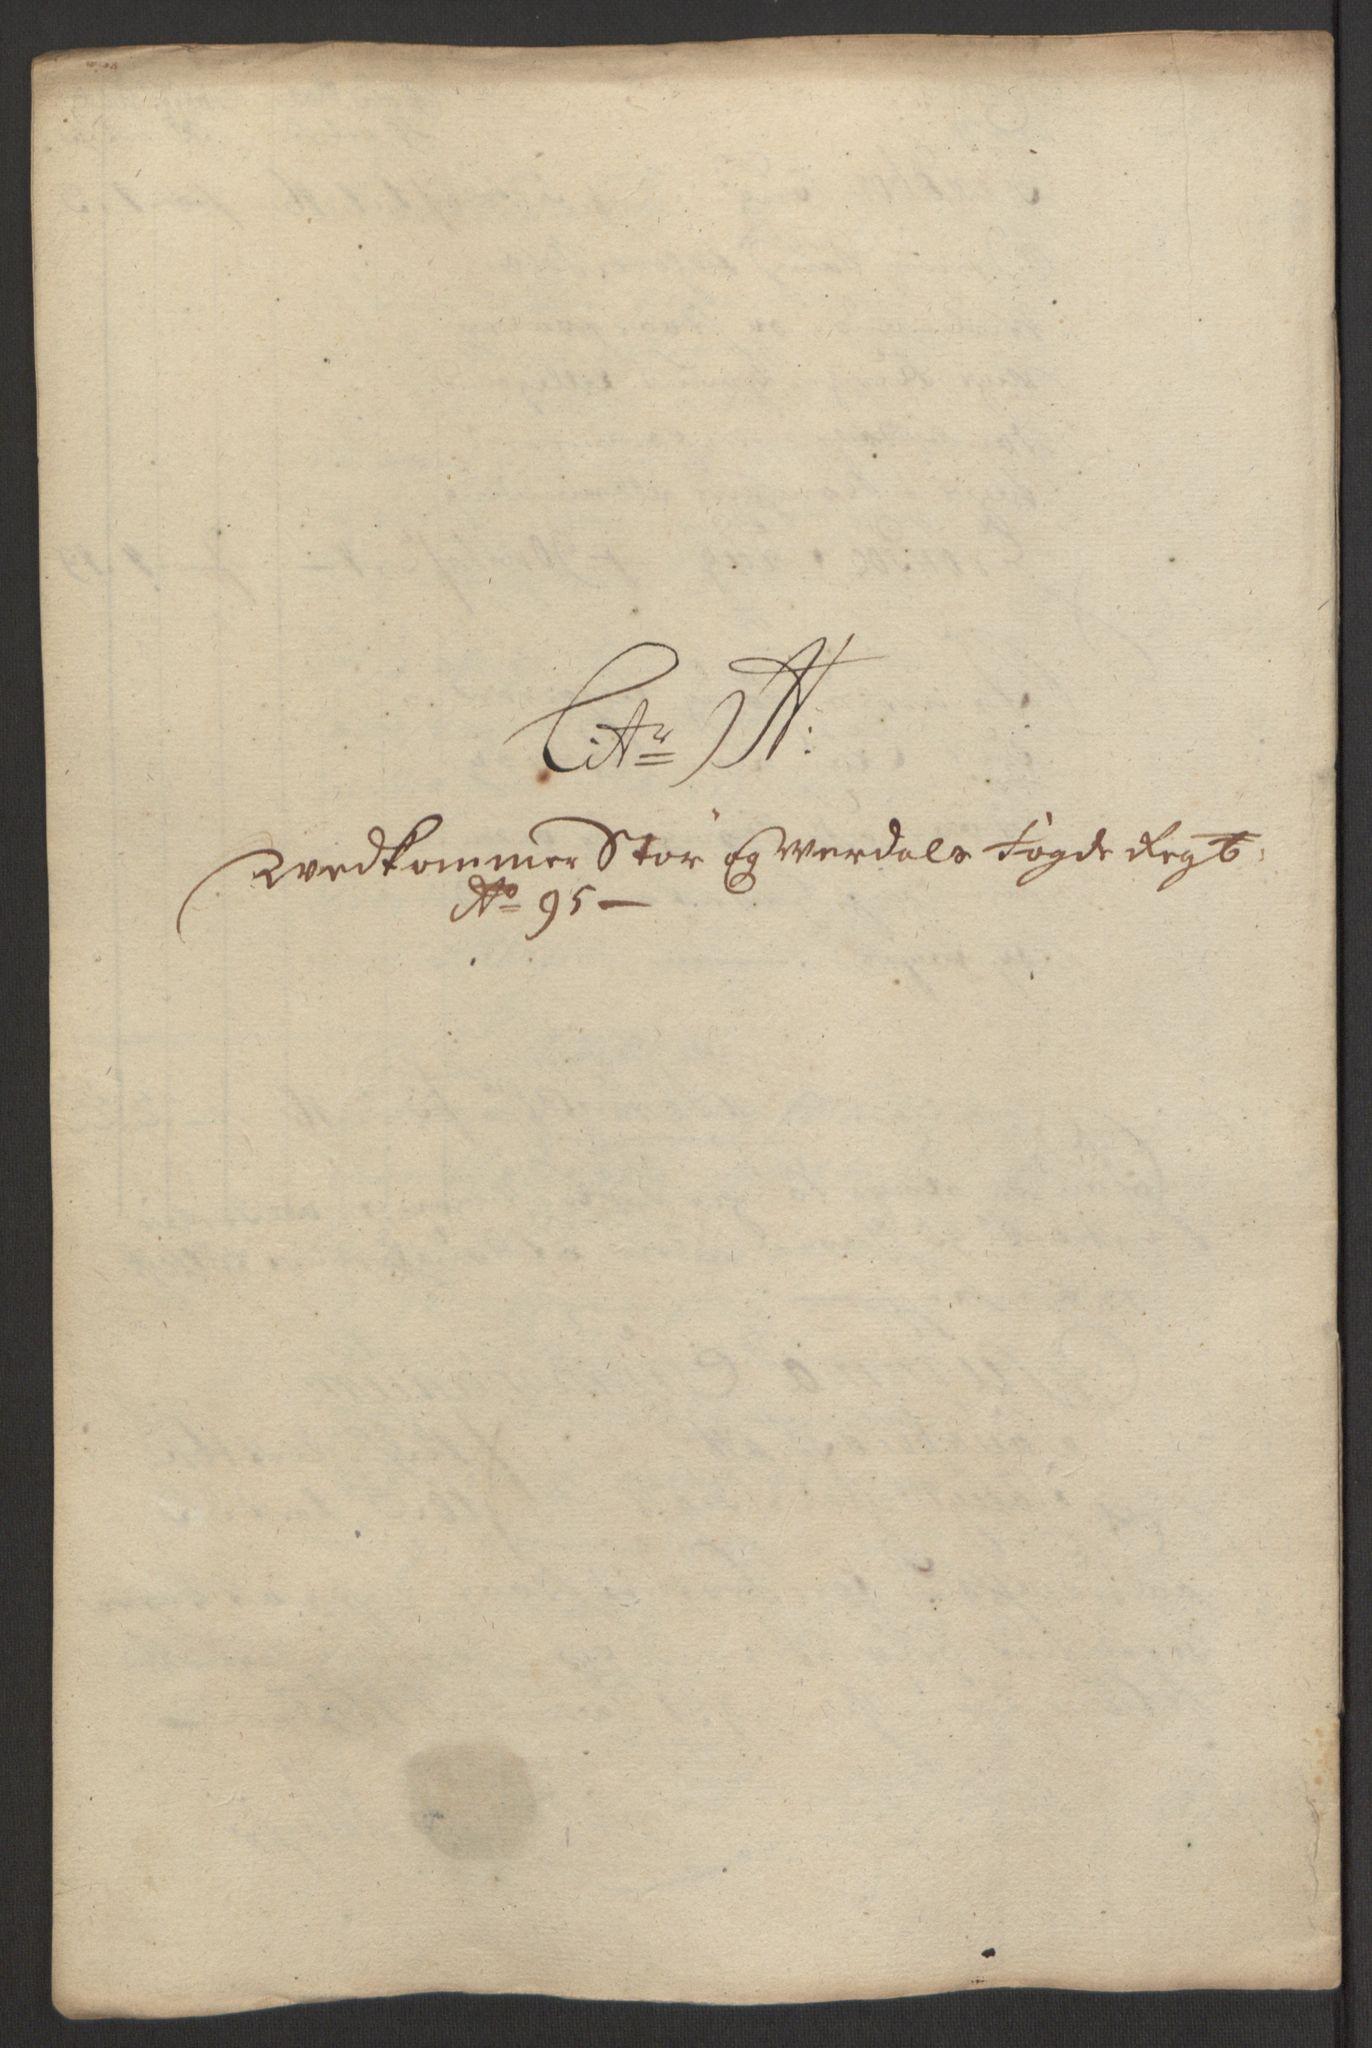 RA, Rentekammeret inntil 1814, Reviderte regnskaper, Fogderegnskap, R62/L4187: Fogderegnskap Stjørdal og Verdal, 1695, s. 124